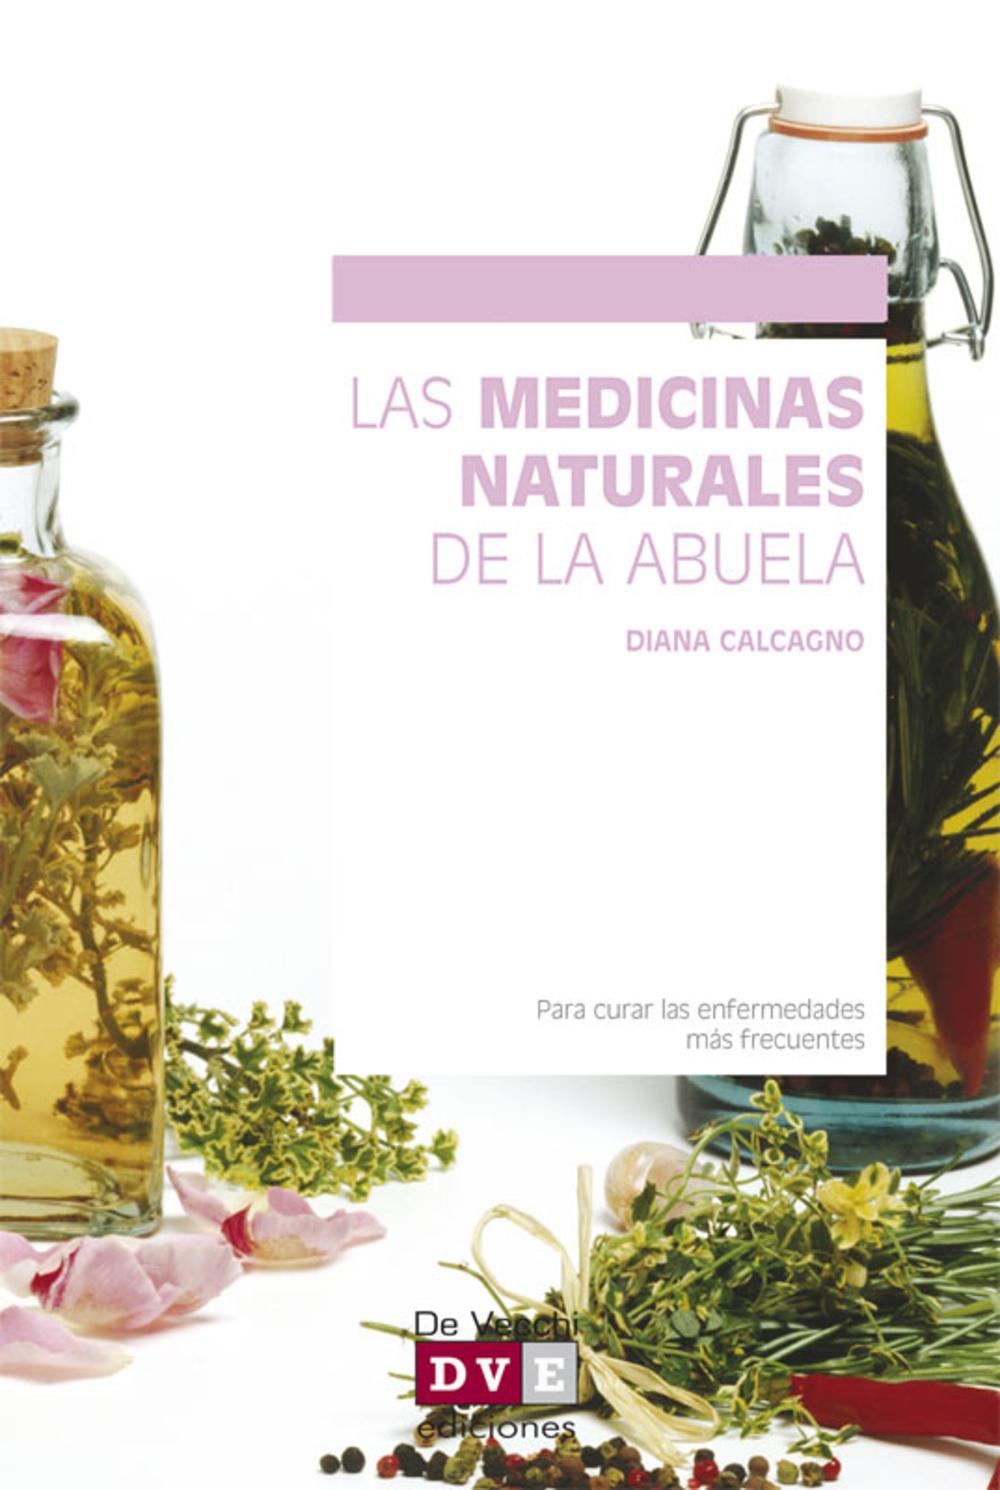 Las medicinas naturales de la abuela